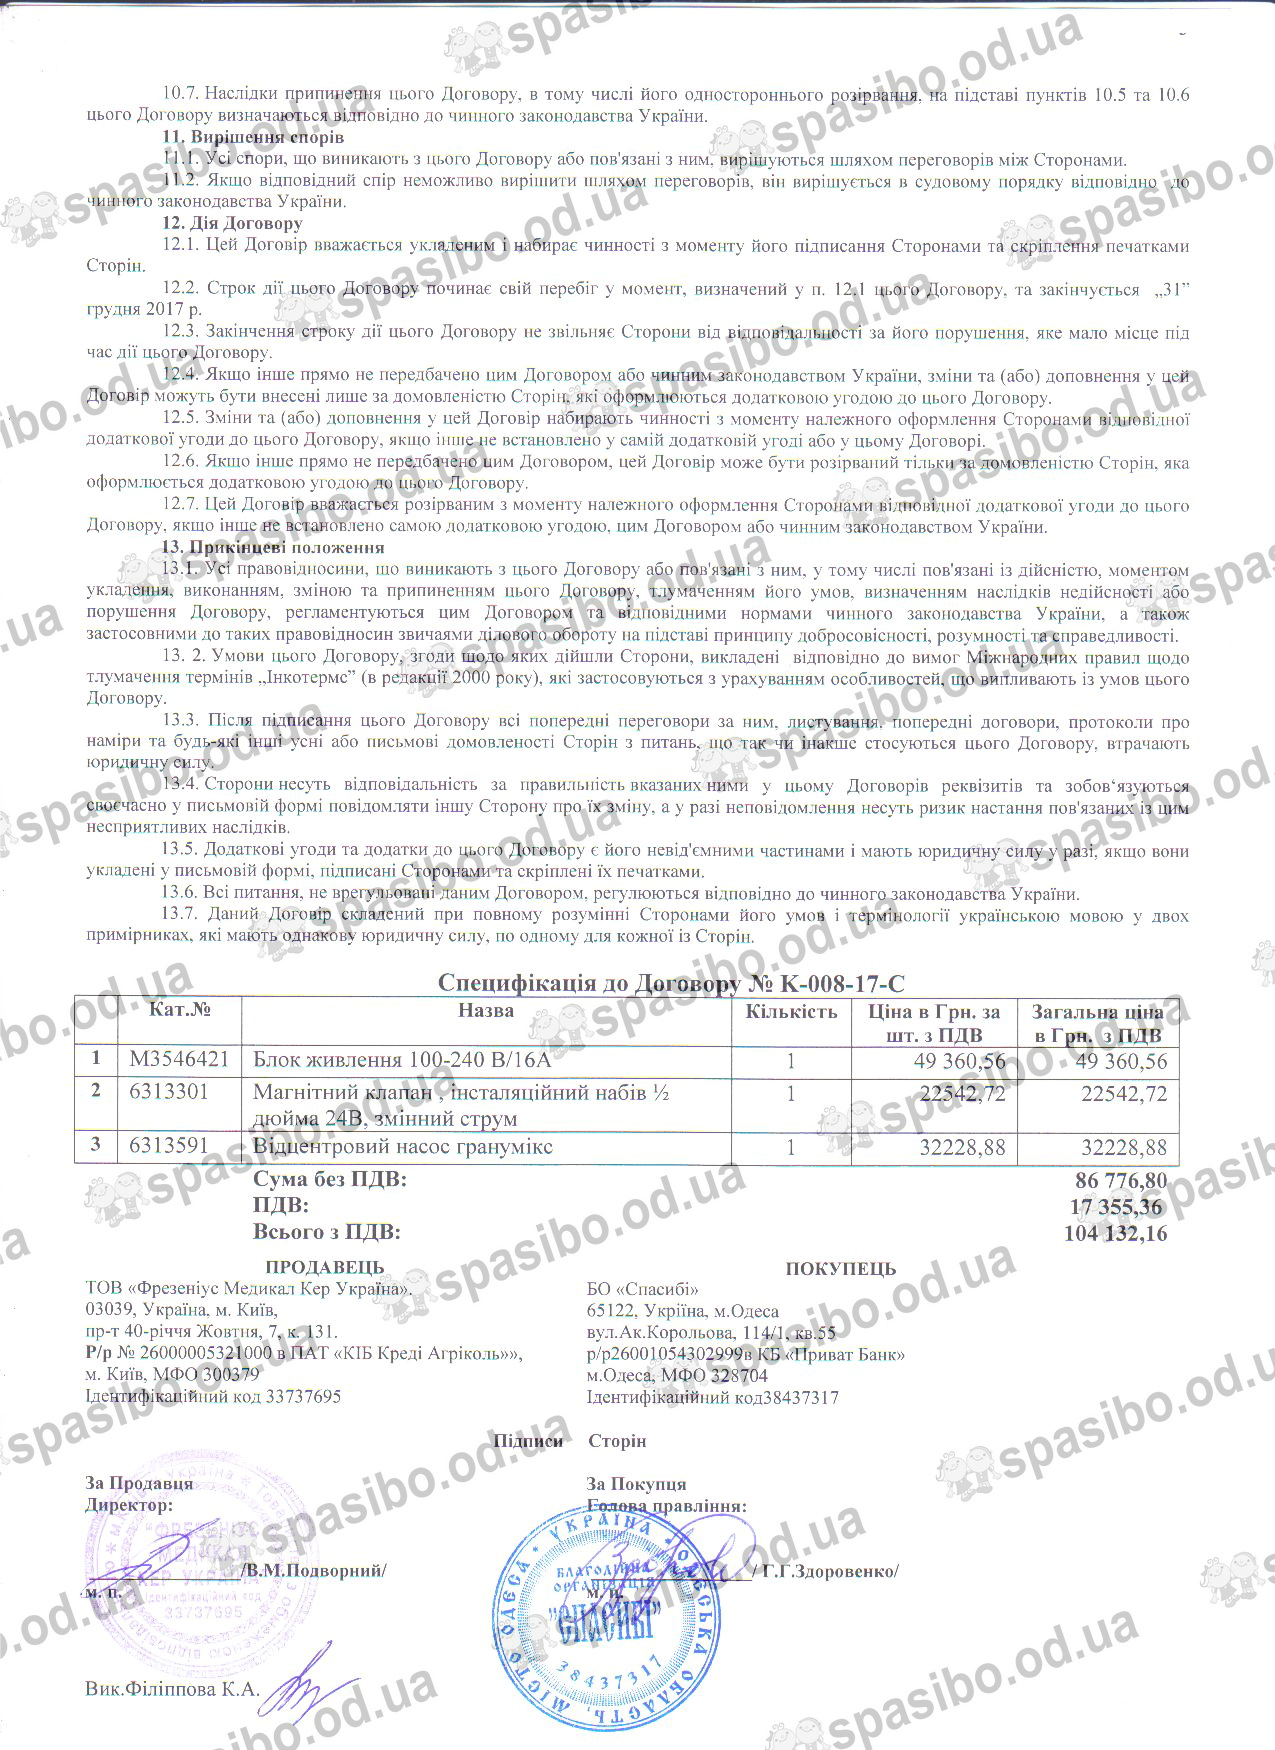 Договір стр.3 № K-008-17-C dsl 09.02.2017